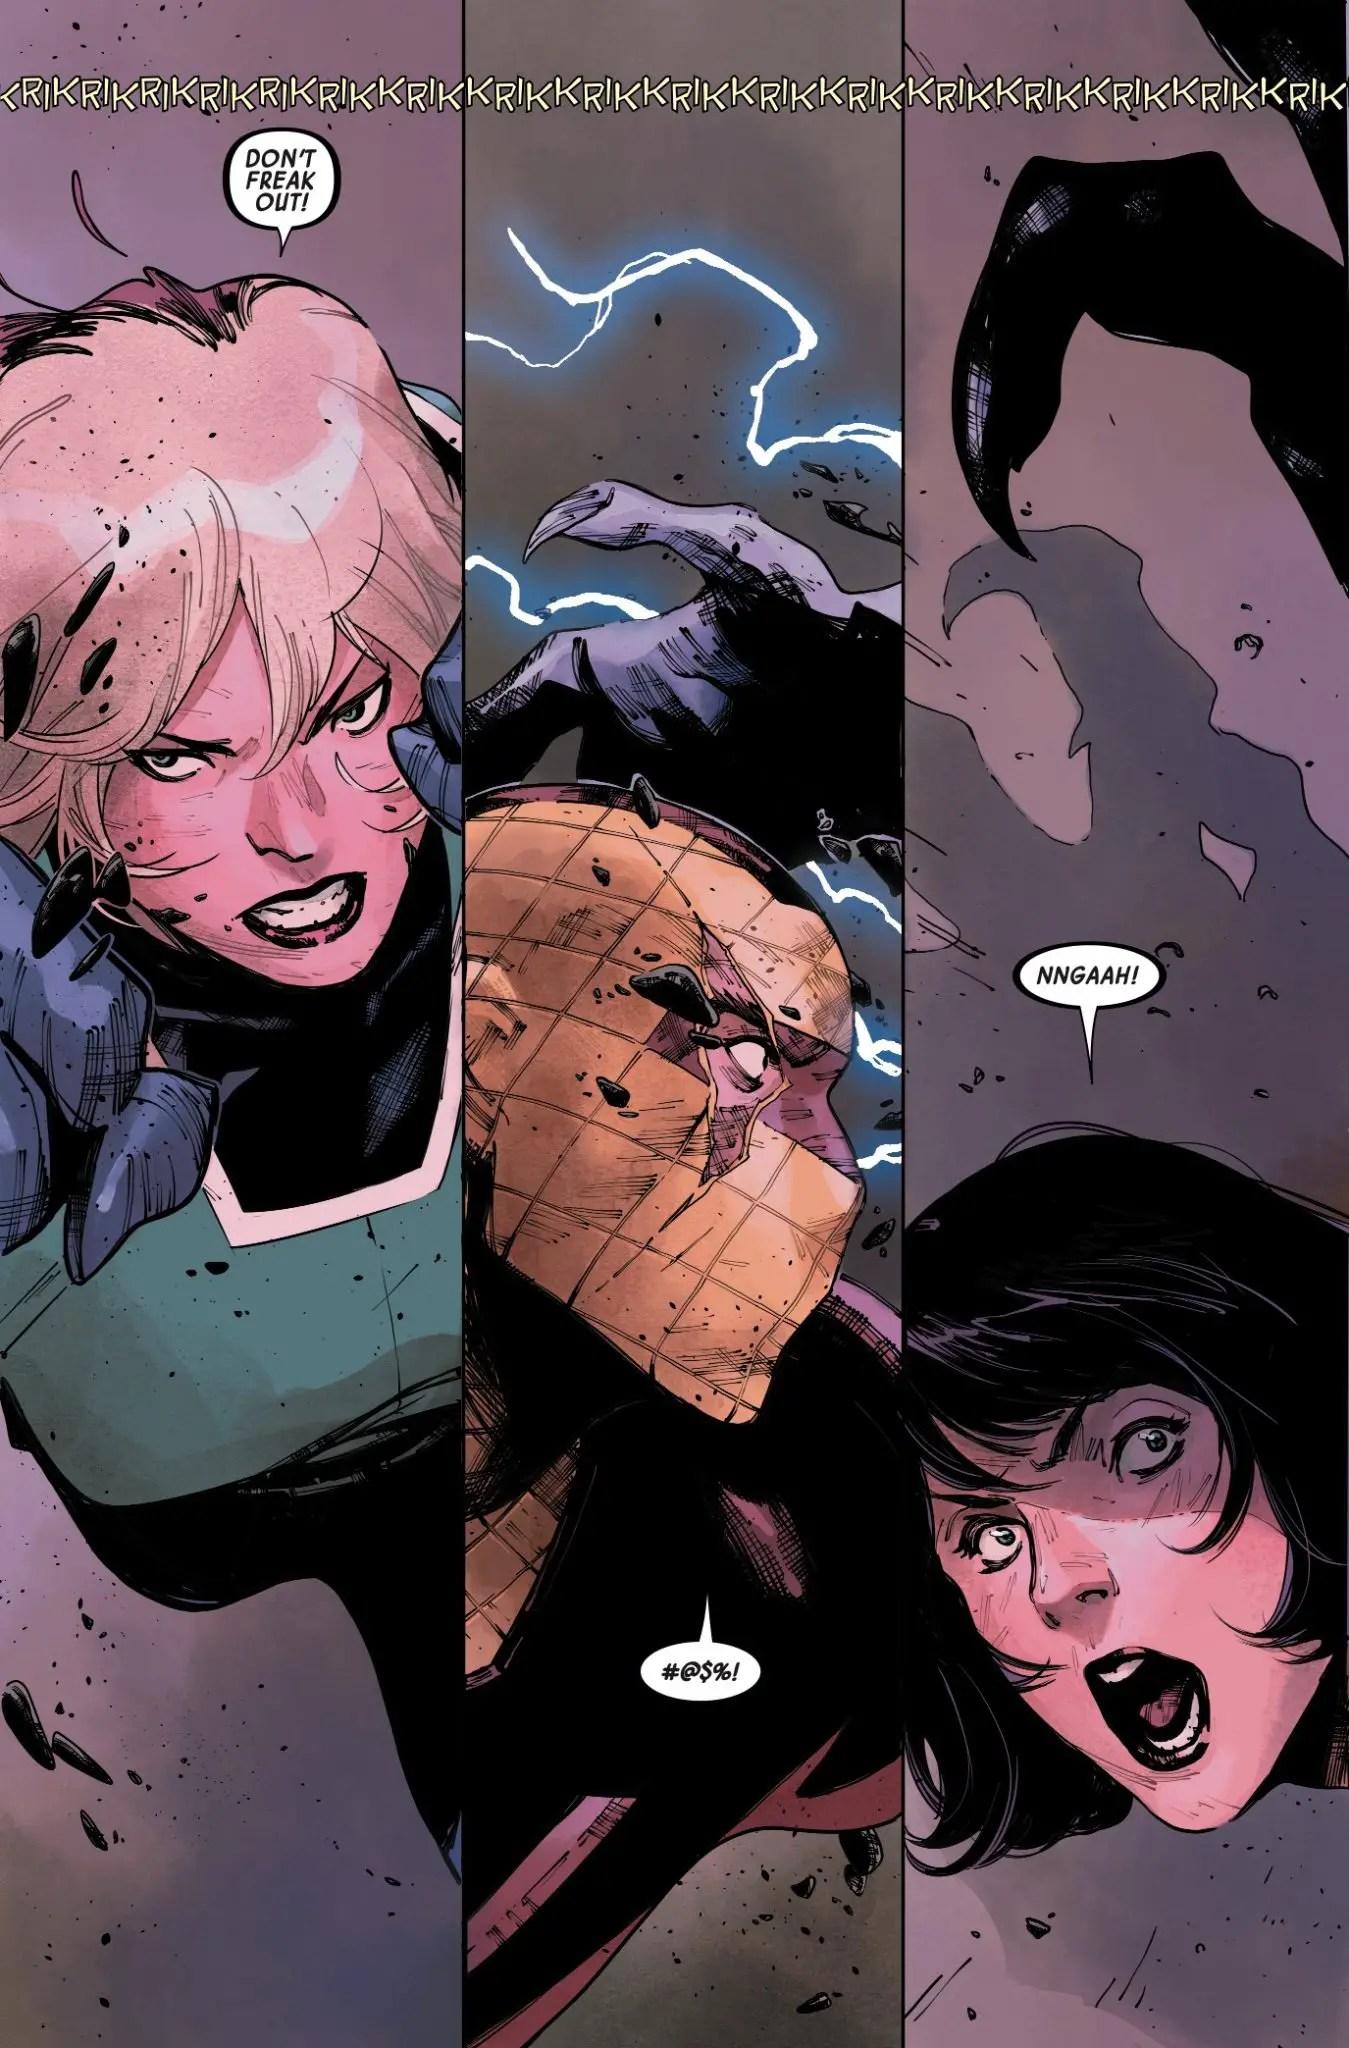 Uncanny Avengers #25 Review